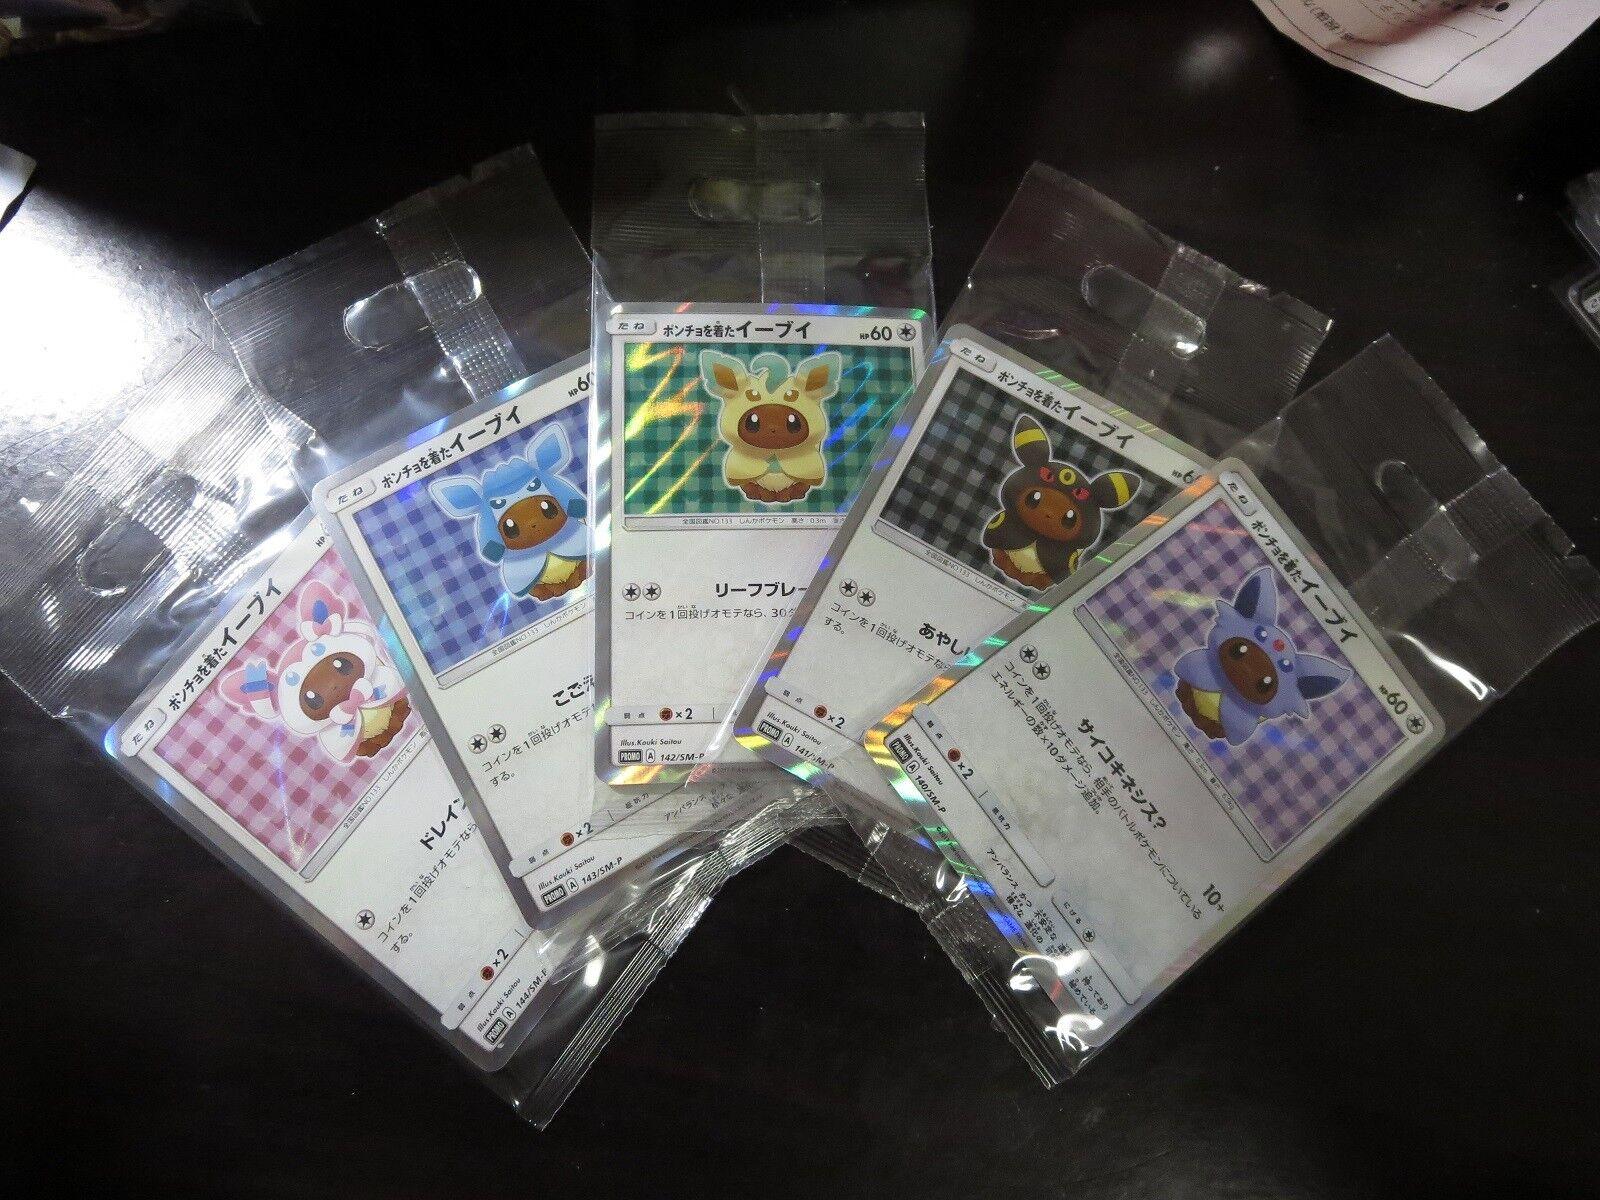 Pokemon - promo 140-144   sm-p poncho eevee karte 5 werden japanische